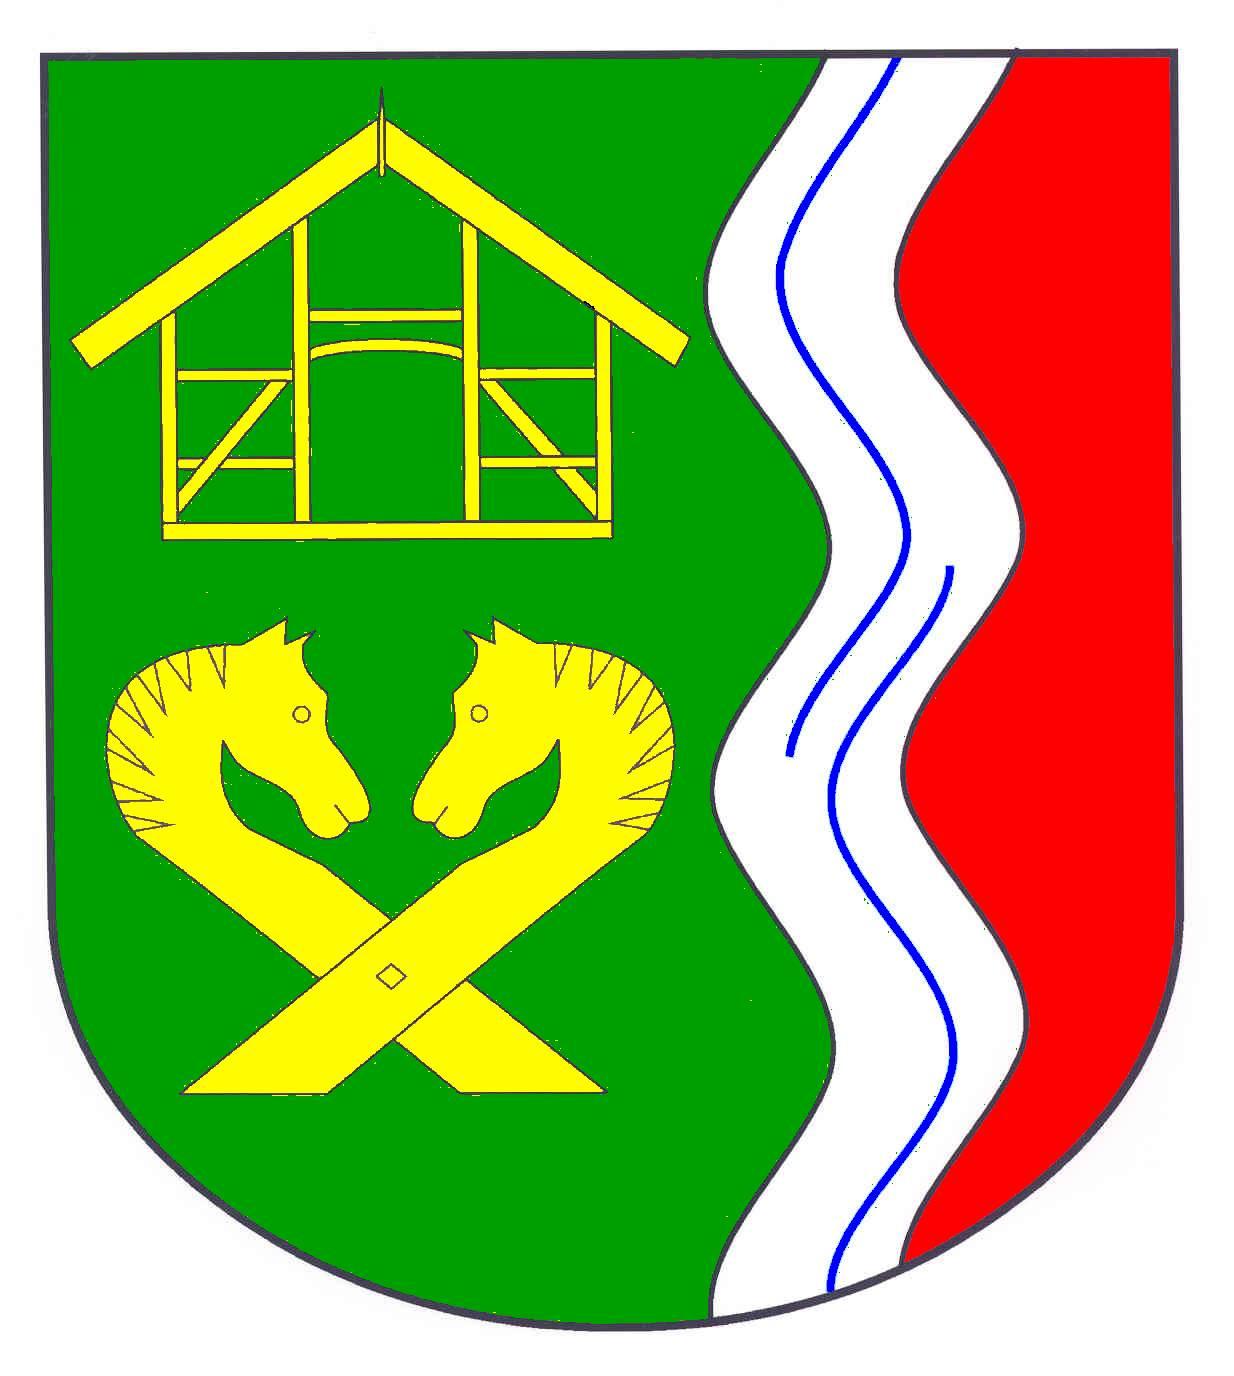 Wappen GemeindeNiendorf bei Berkenthin, Kreis Herzogtum Lauenburg